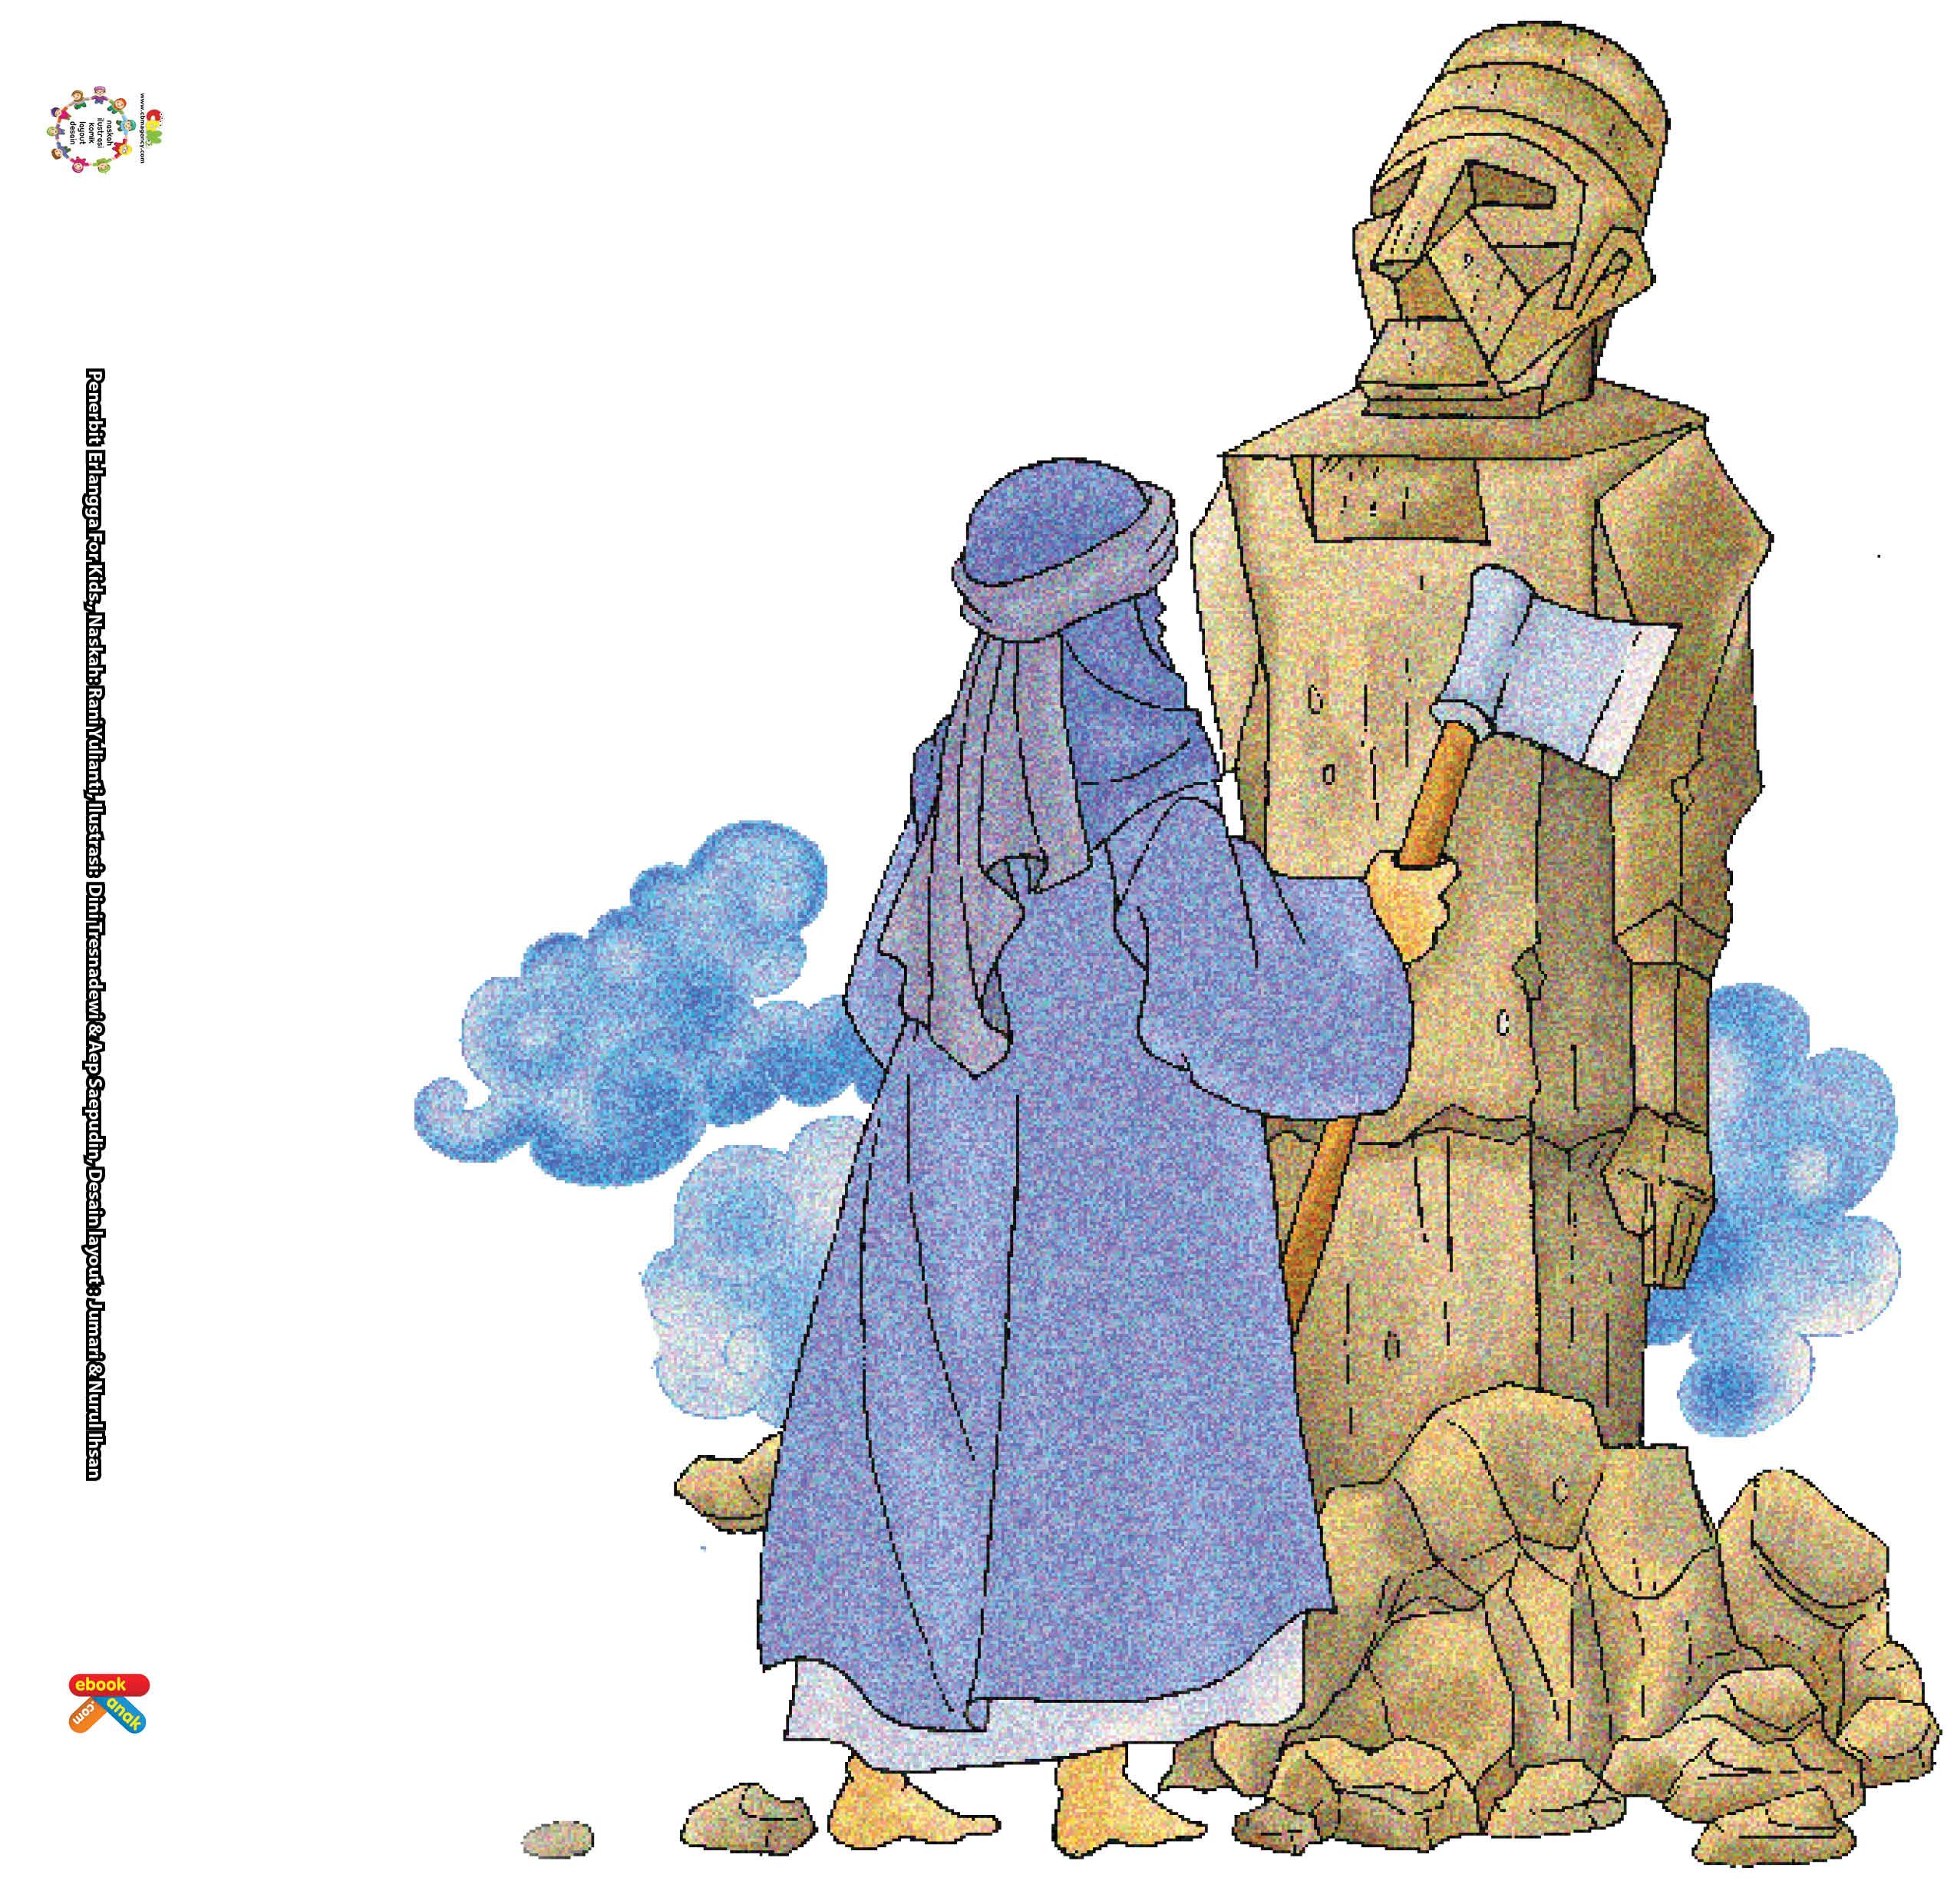 Nabi Ibrahim Menghancurkan Patung Berhala